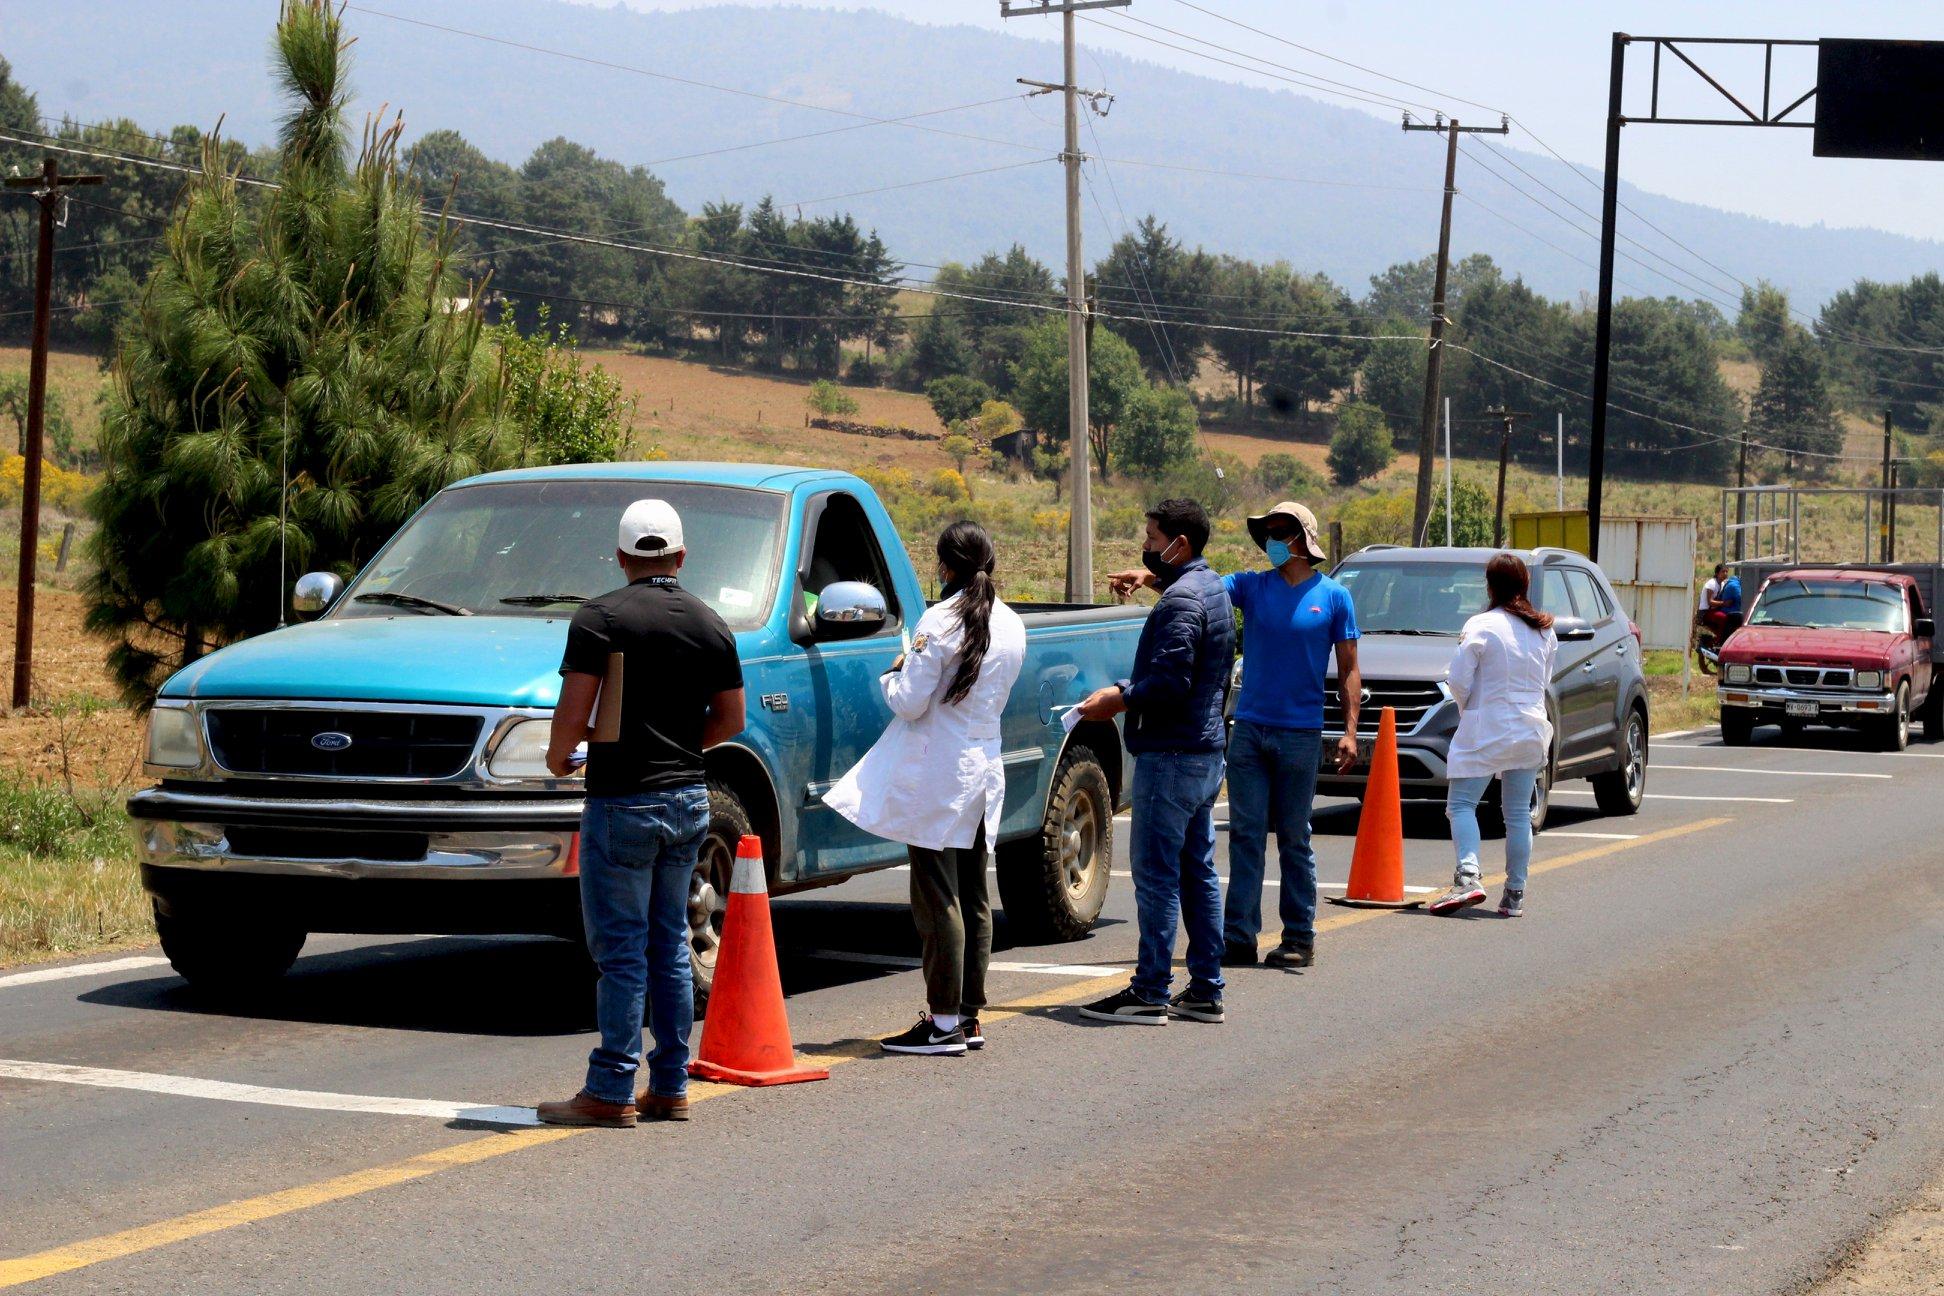 Indígenas en México: ¿cómo enfrentar una epidemia, la discriminación y el abandono histórico del Estado?